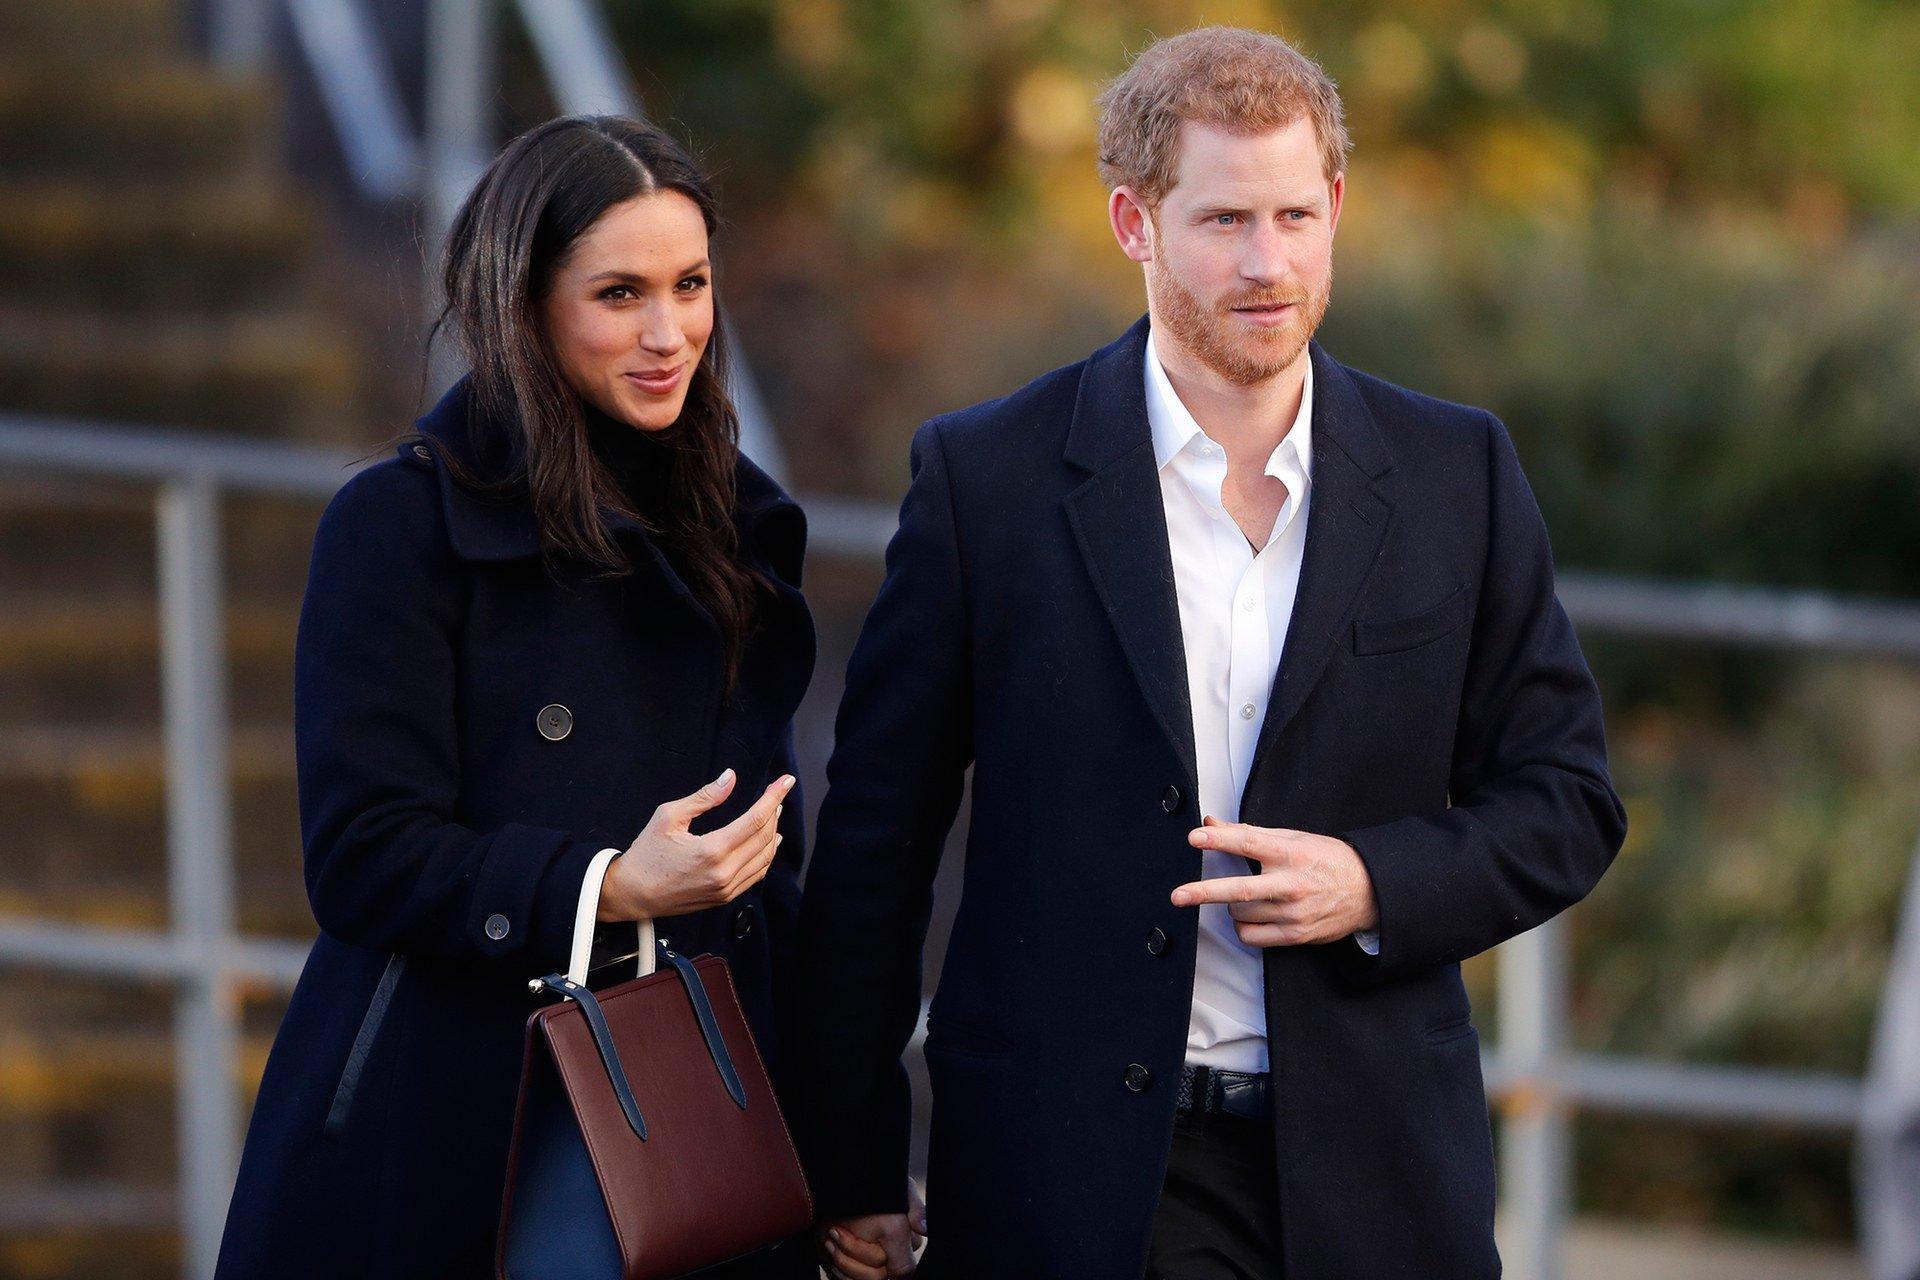 Беременная Меган Маркл в удобном наряде с сыном на руках отправилась на прогулку